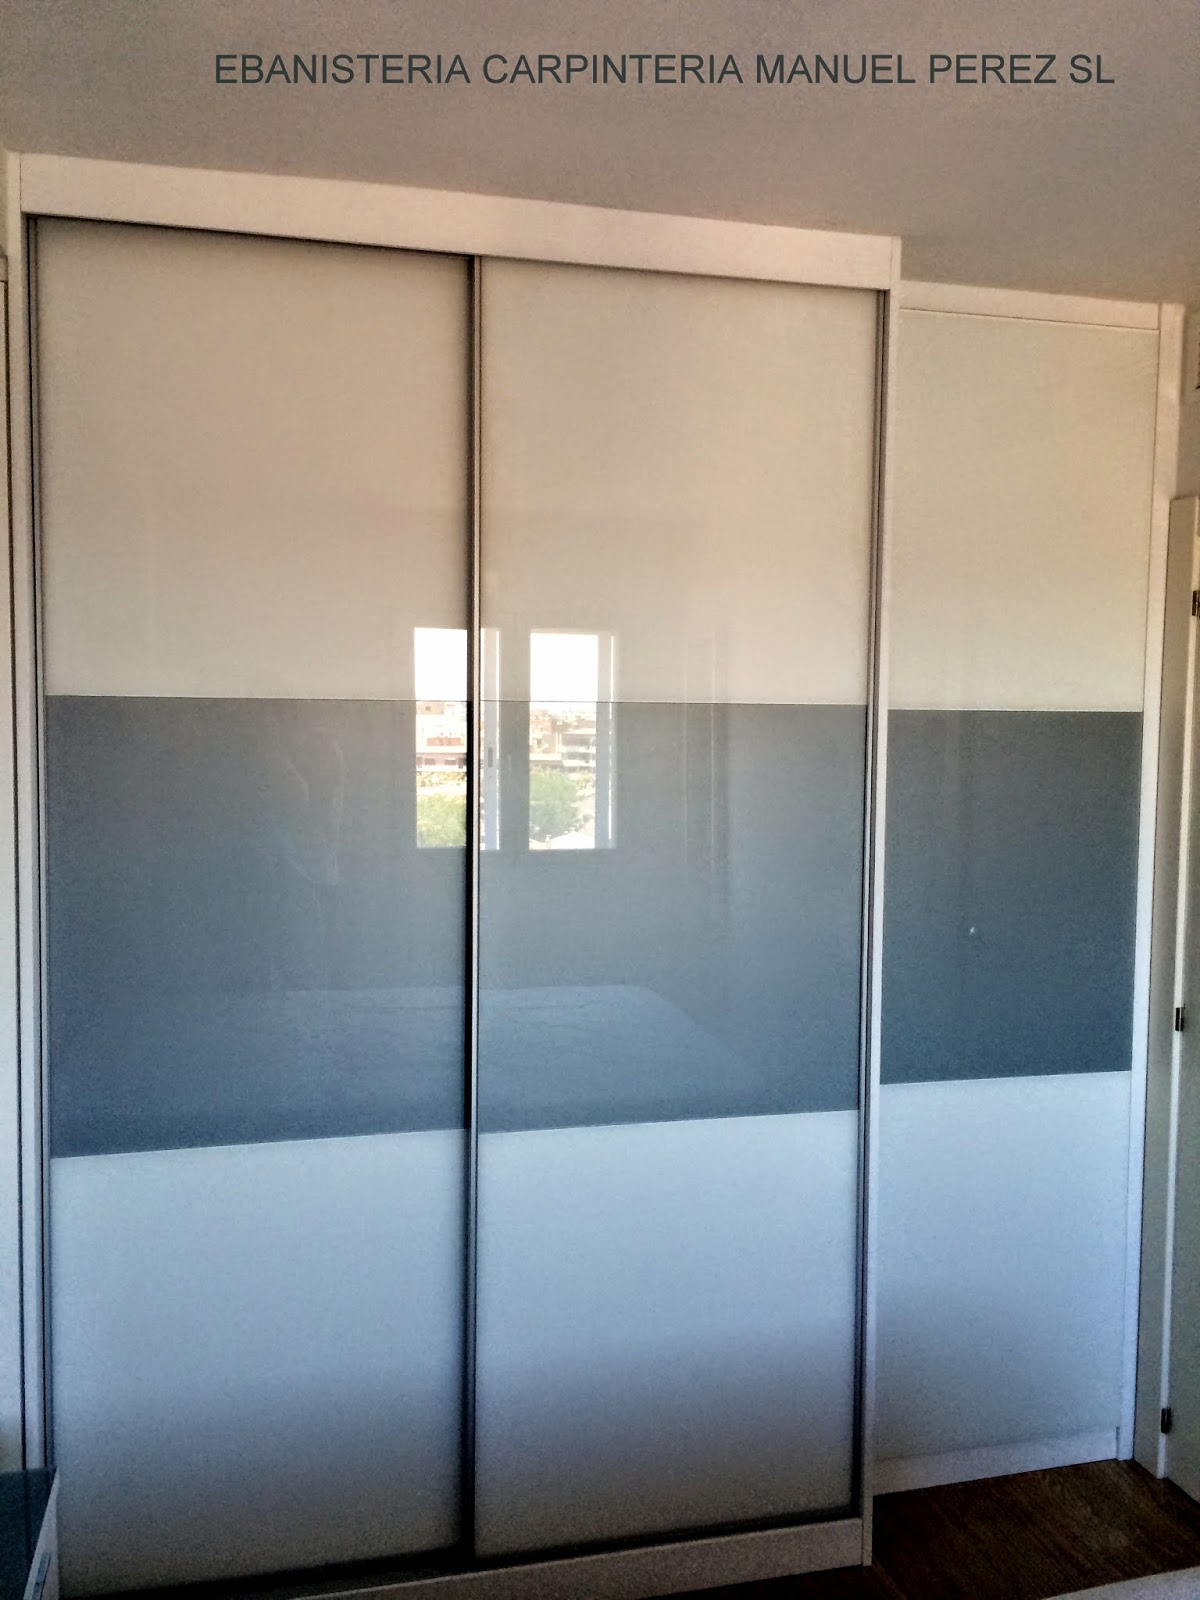 Armarios empotrados con puertas de cristal materiales de for Puertas armarios empotrados